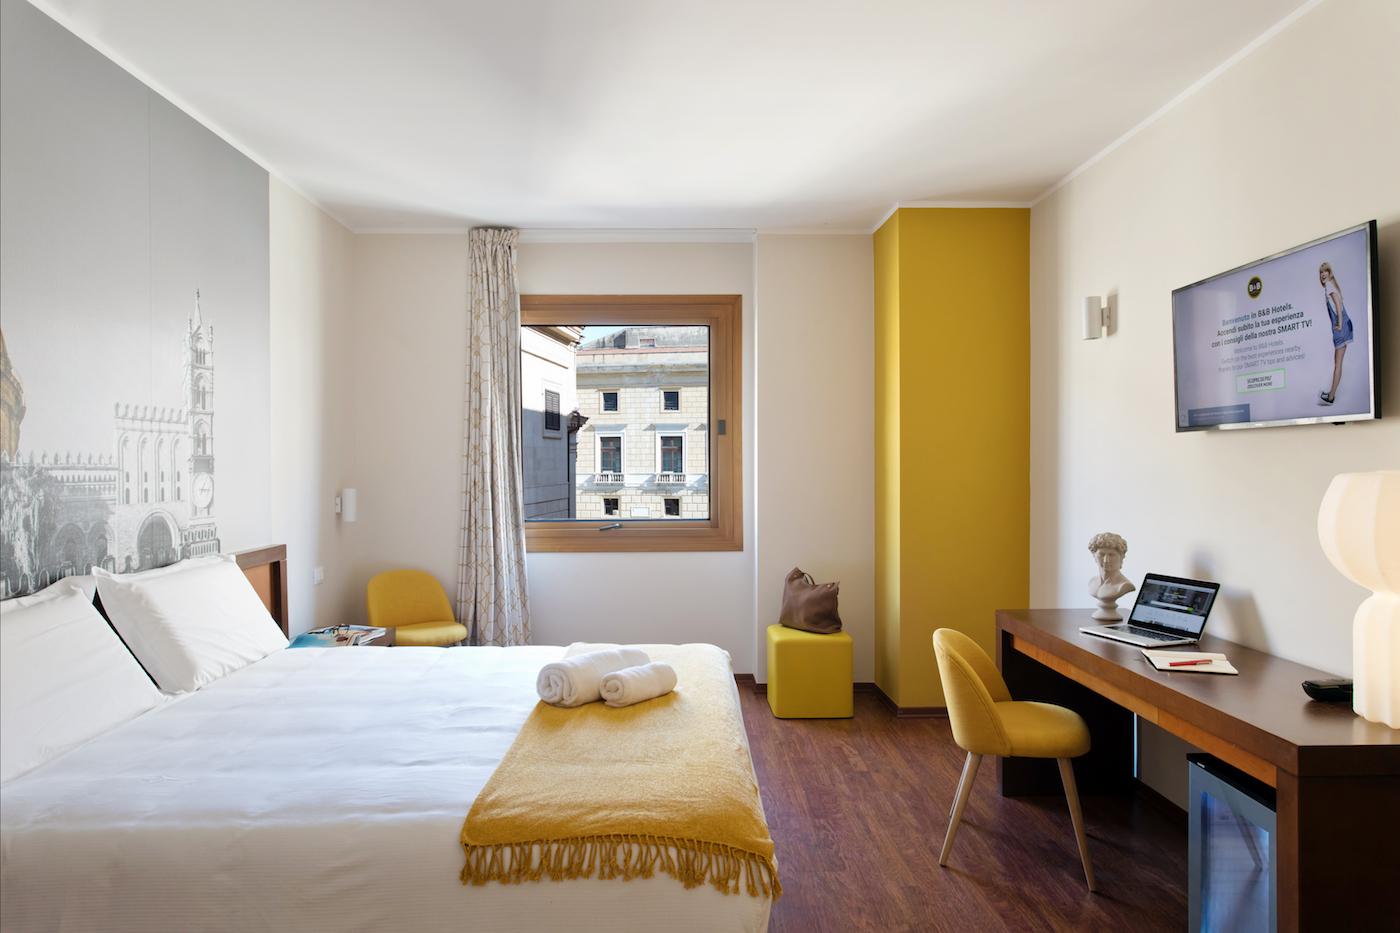 Una camera dell'hotel - foto Benedetto Tarantino